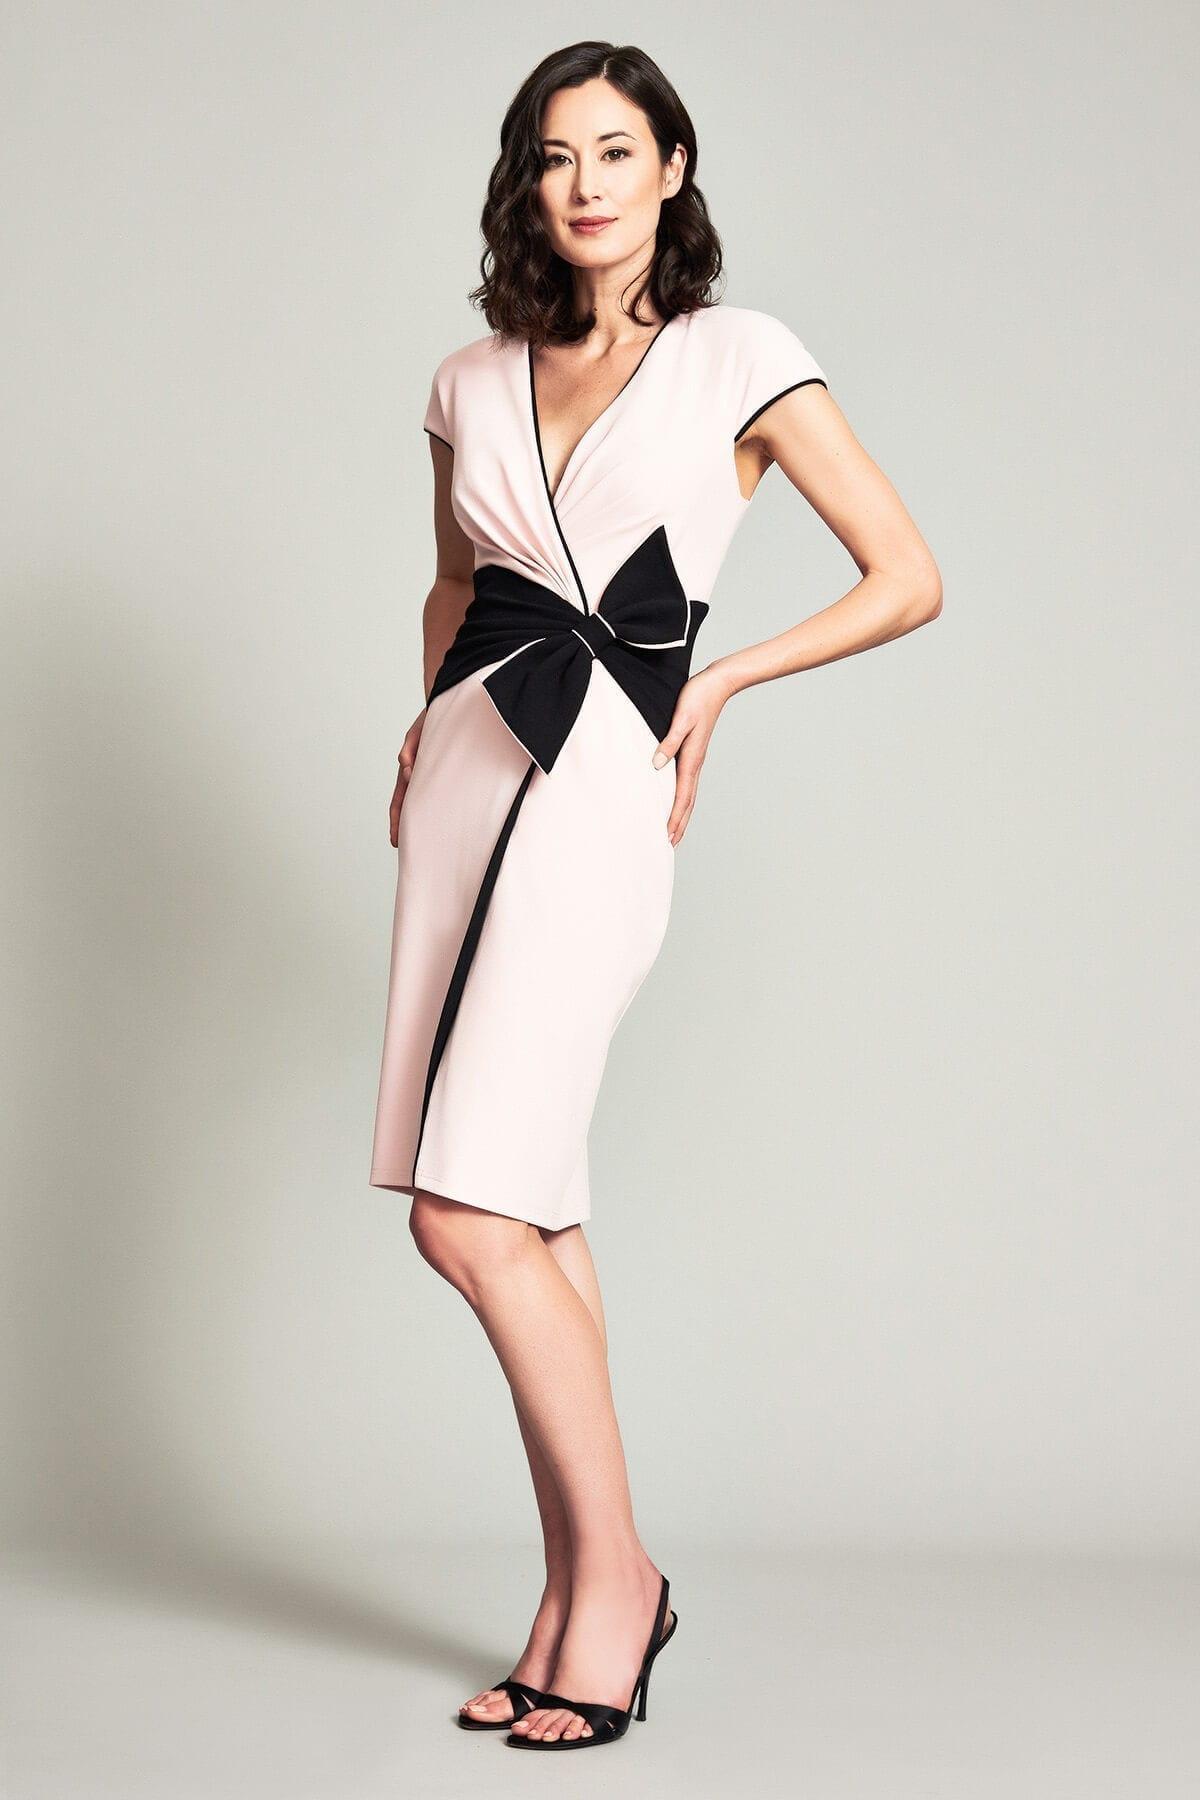 TADASHI SHOJI Arisu Obi-inspired Dress